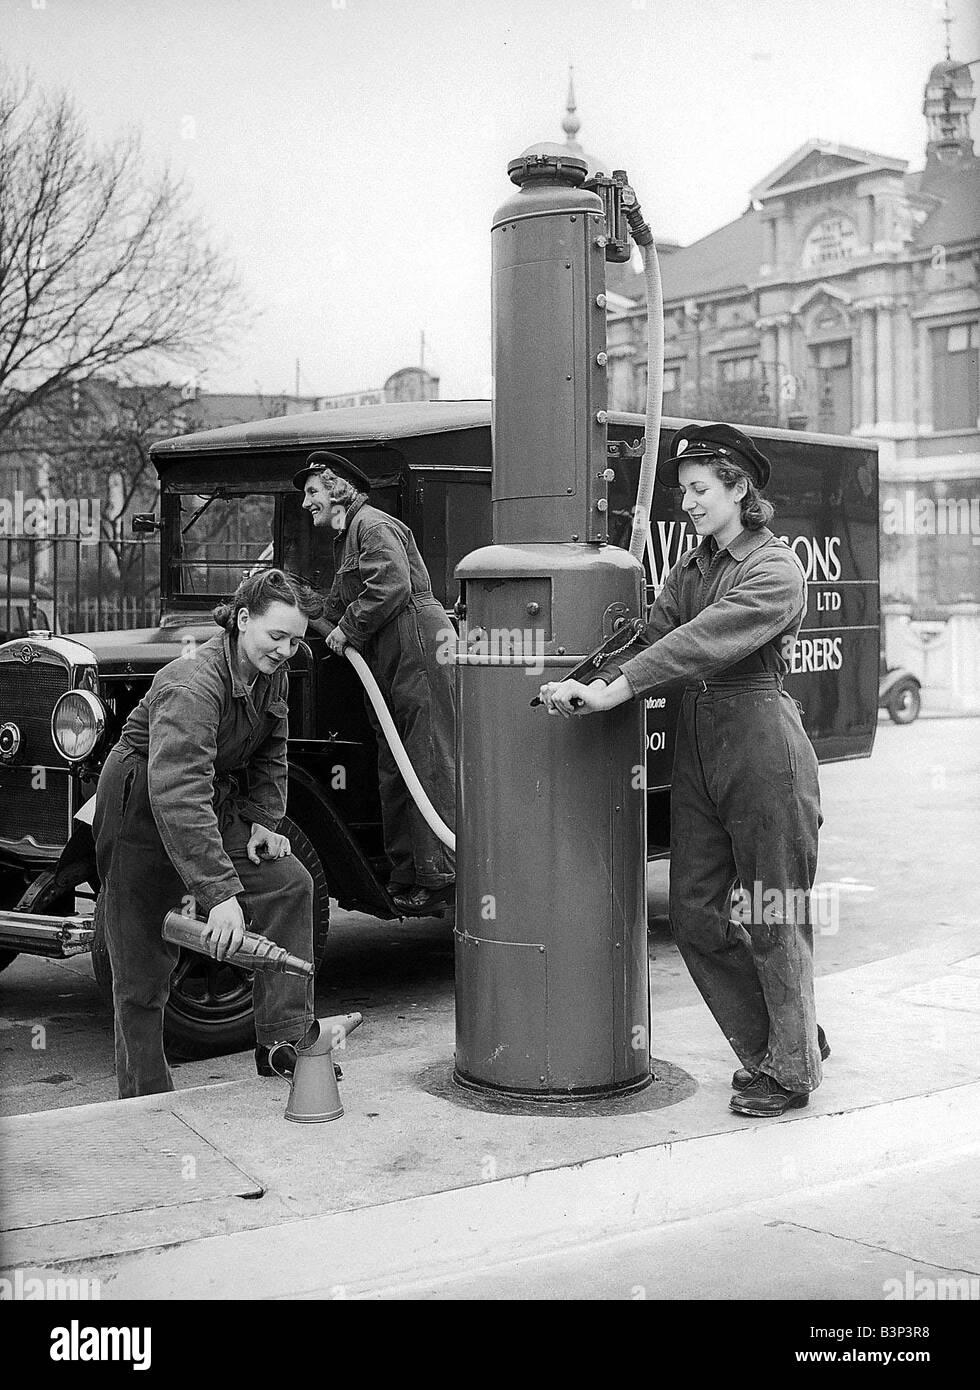 Las mujeres trabajadoras Garaje van llenado con gasolina en 1941 mujeres haciendo trabajos de mens durante los años Imagen De Stock